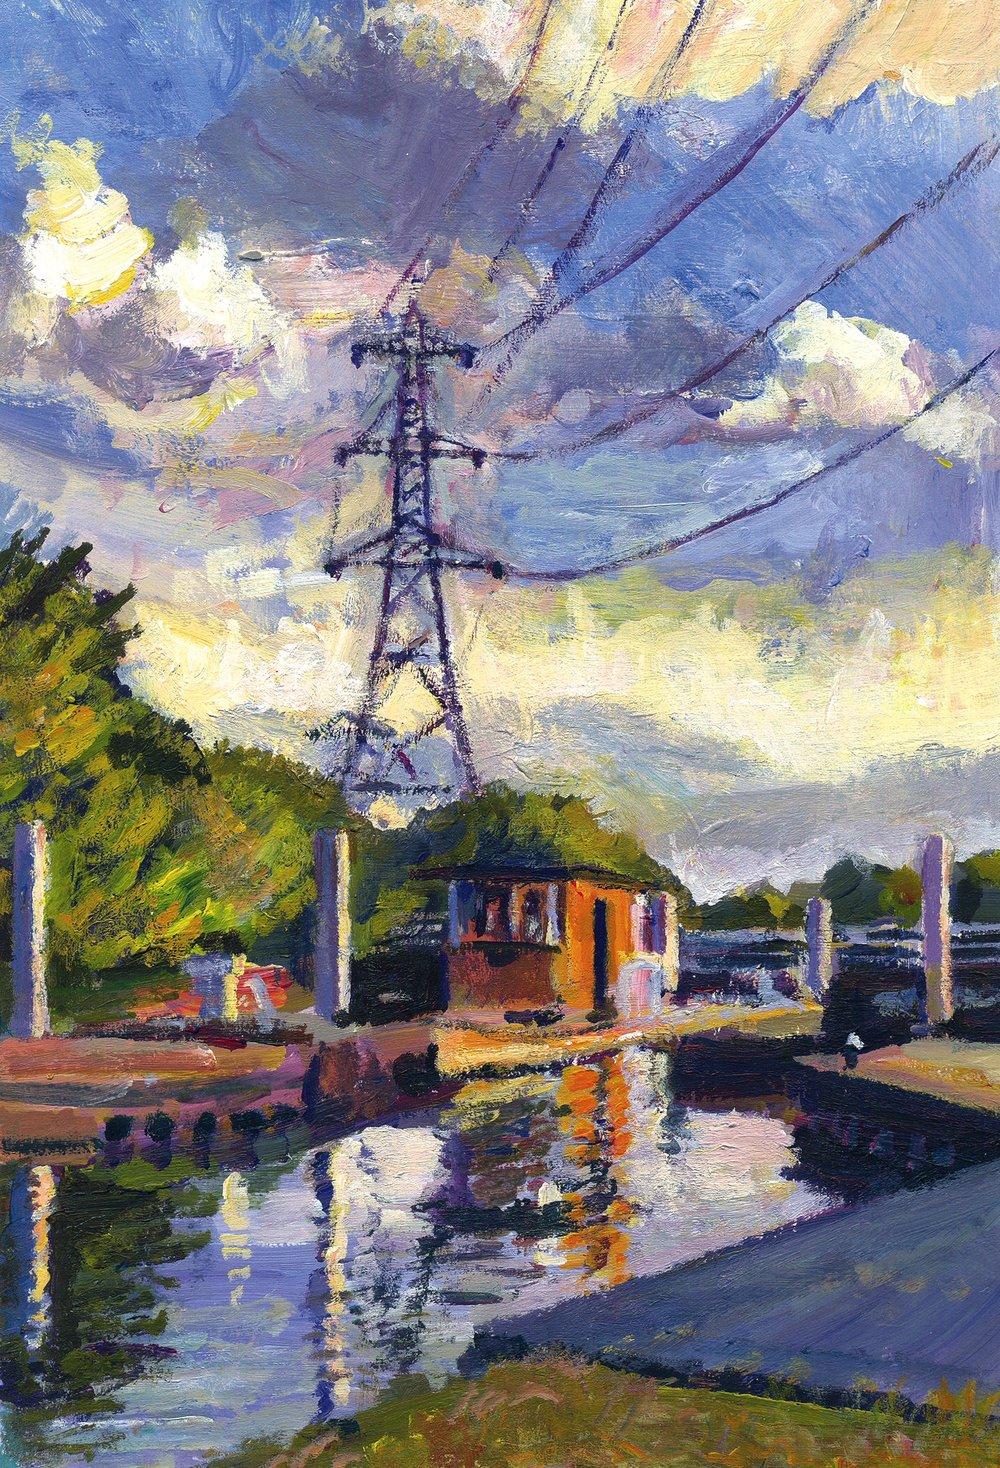 Stonebridge Lock 2012 acrylic on board 28 x 18 cm